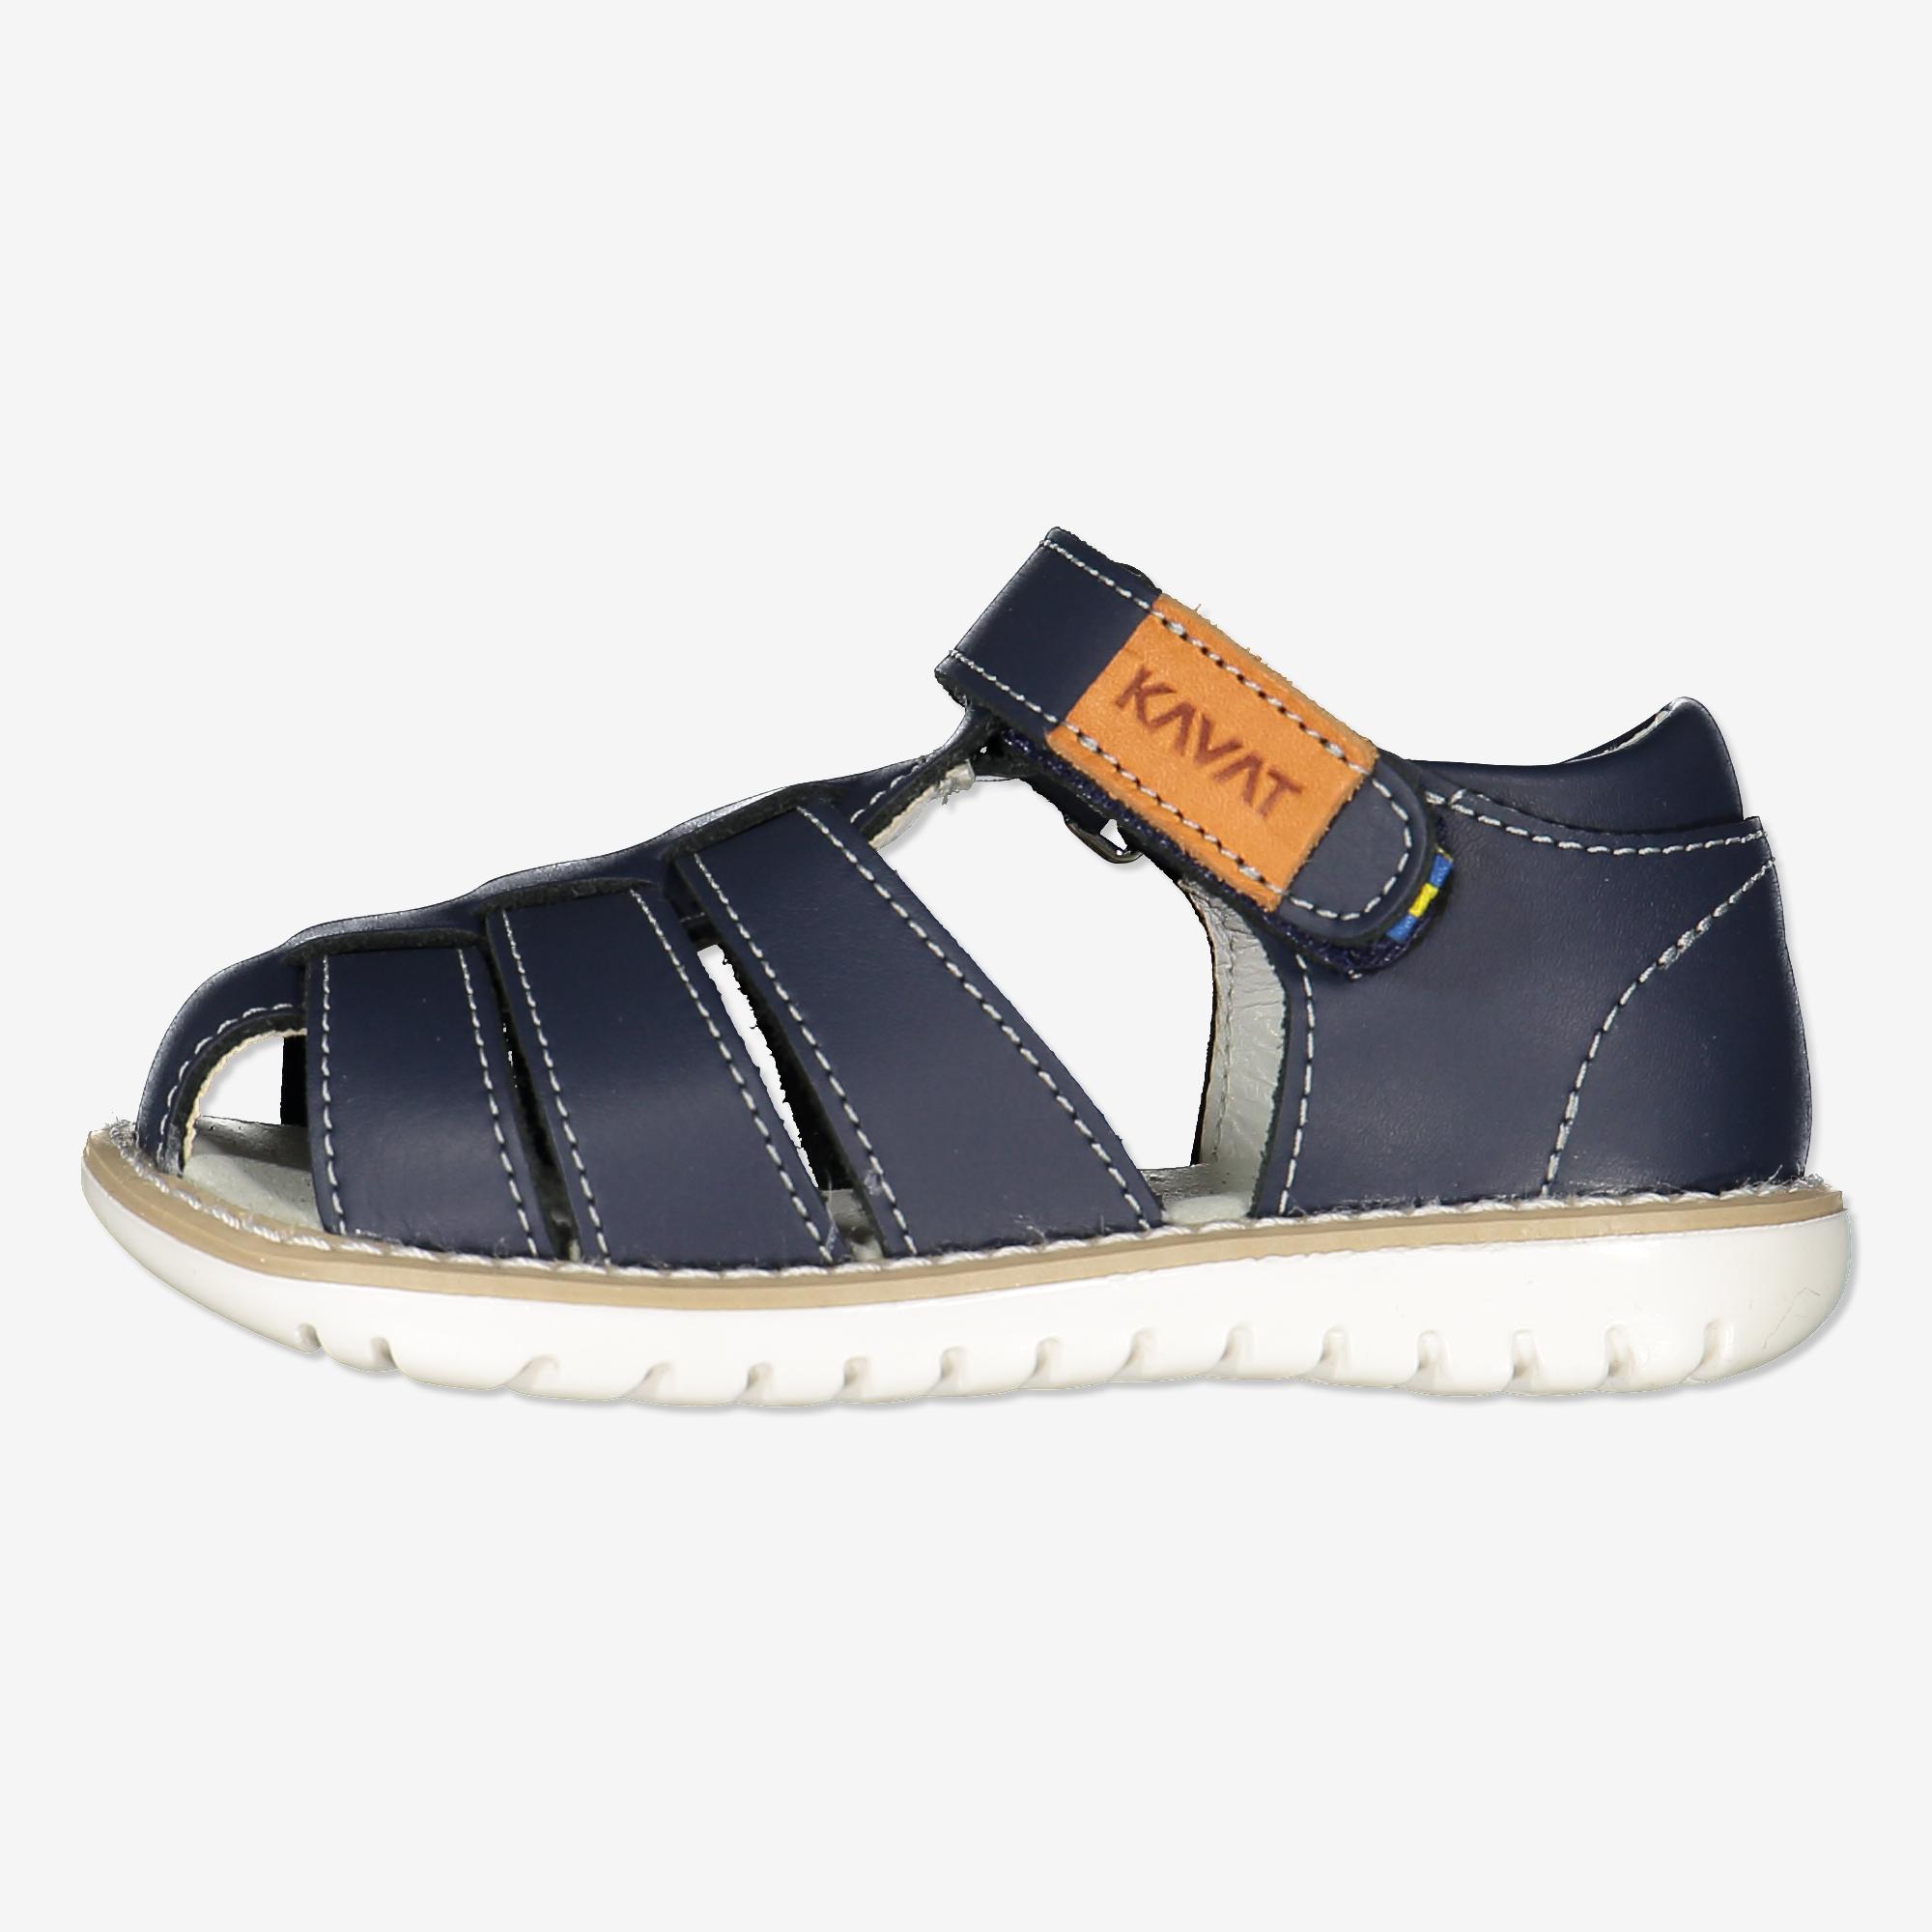 Sandaalit kavat hällevik xc sininen